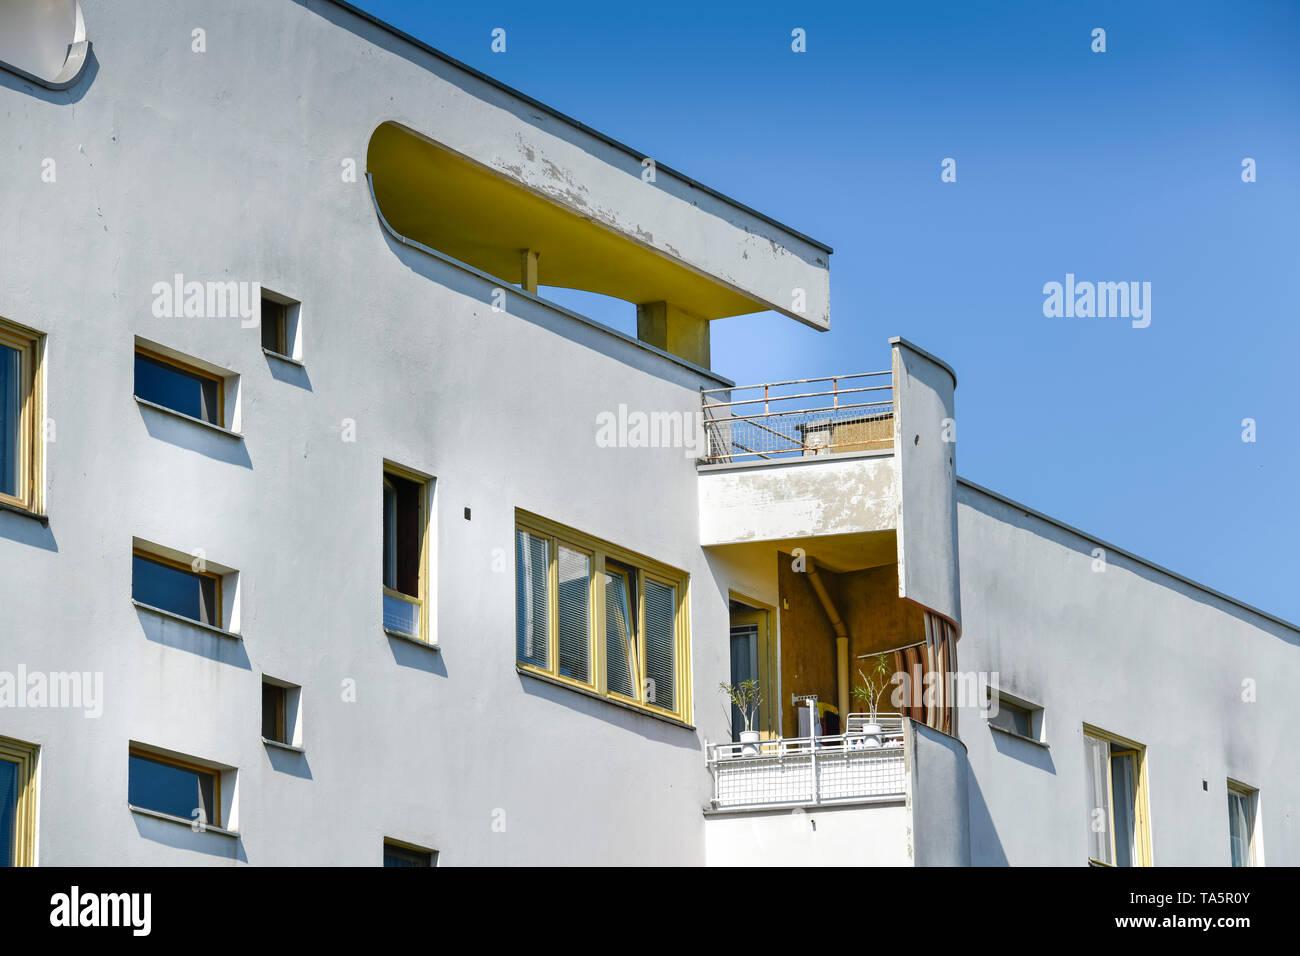 """'Dwelling Haus """"schlachtkreuzer"""" von Hans Scharoun, jungfer Moor Weg, große Siedlung Siemensstadt, Spandau, Berlin, Deutschland"""", Wohnhaus """"Panzerkreu Stockbild"""